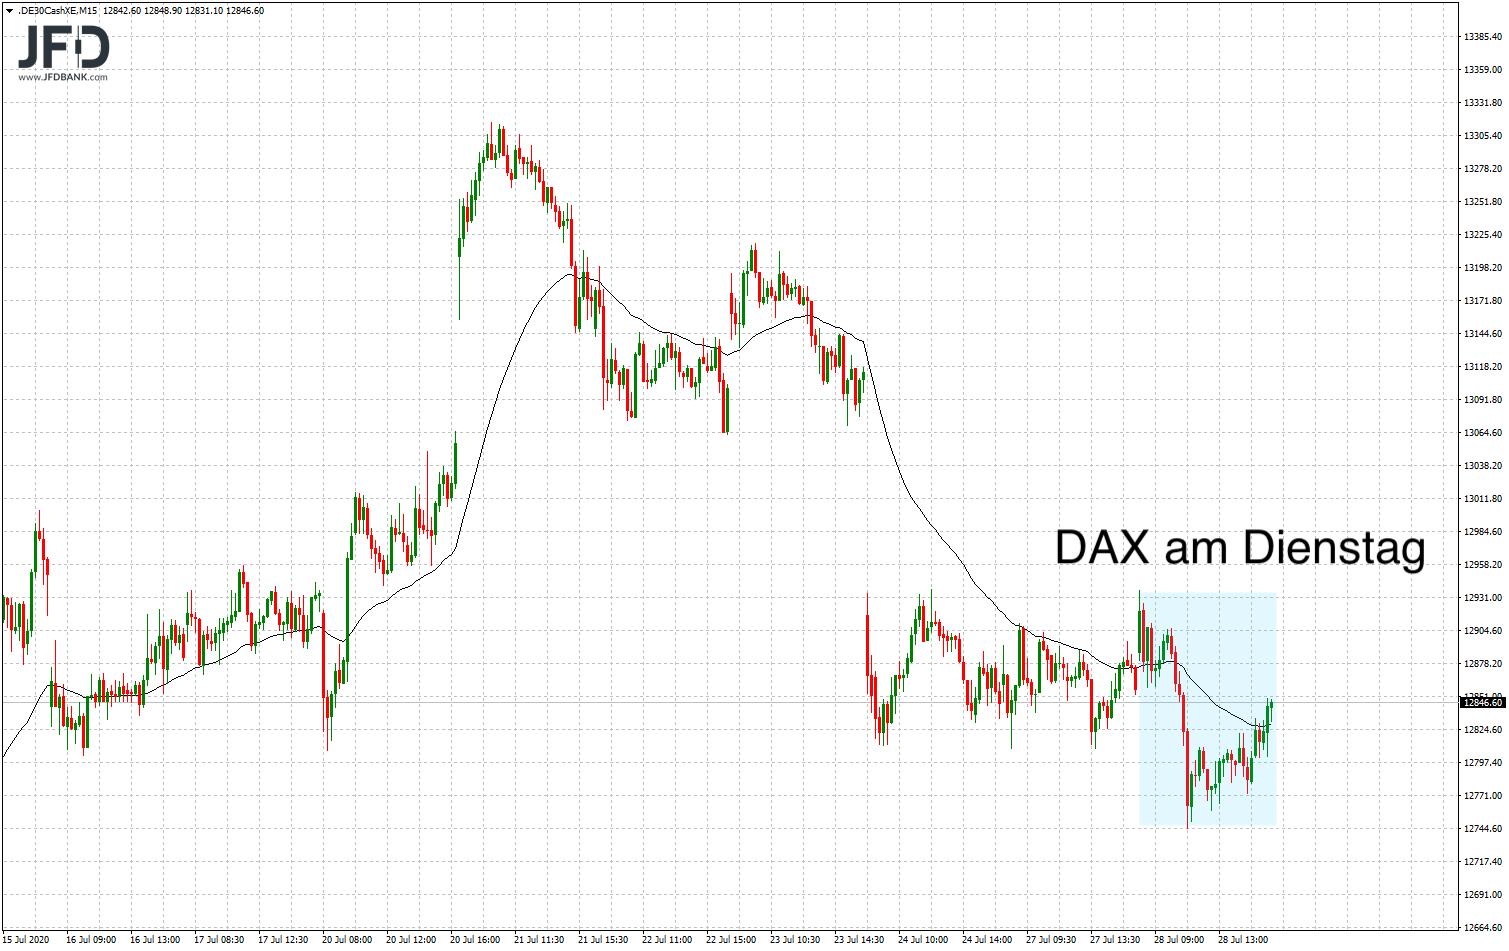 DAX-Entwicklung am Dienstag